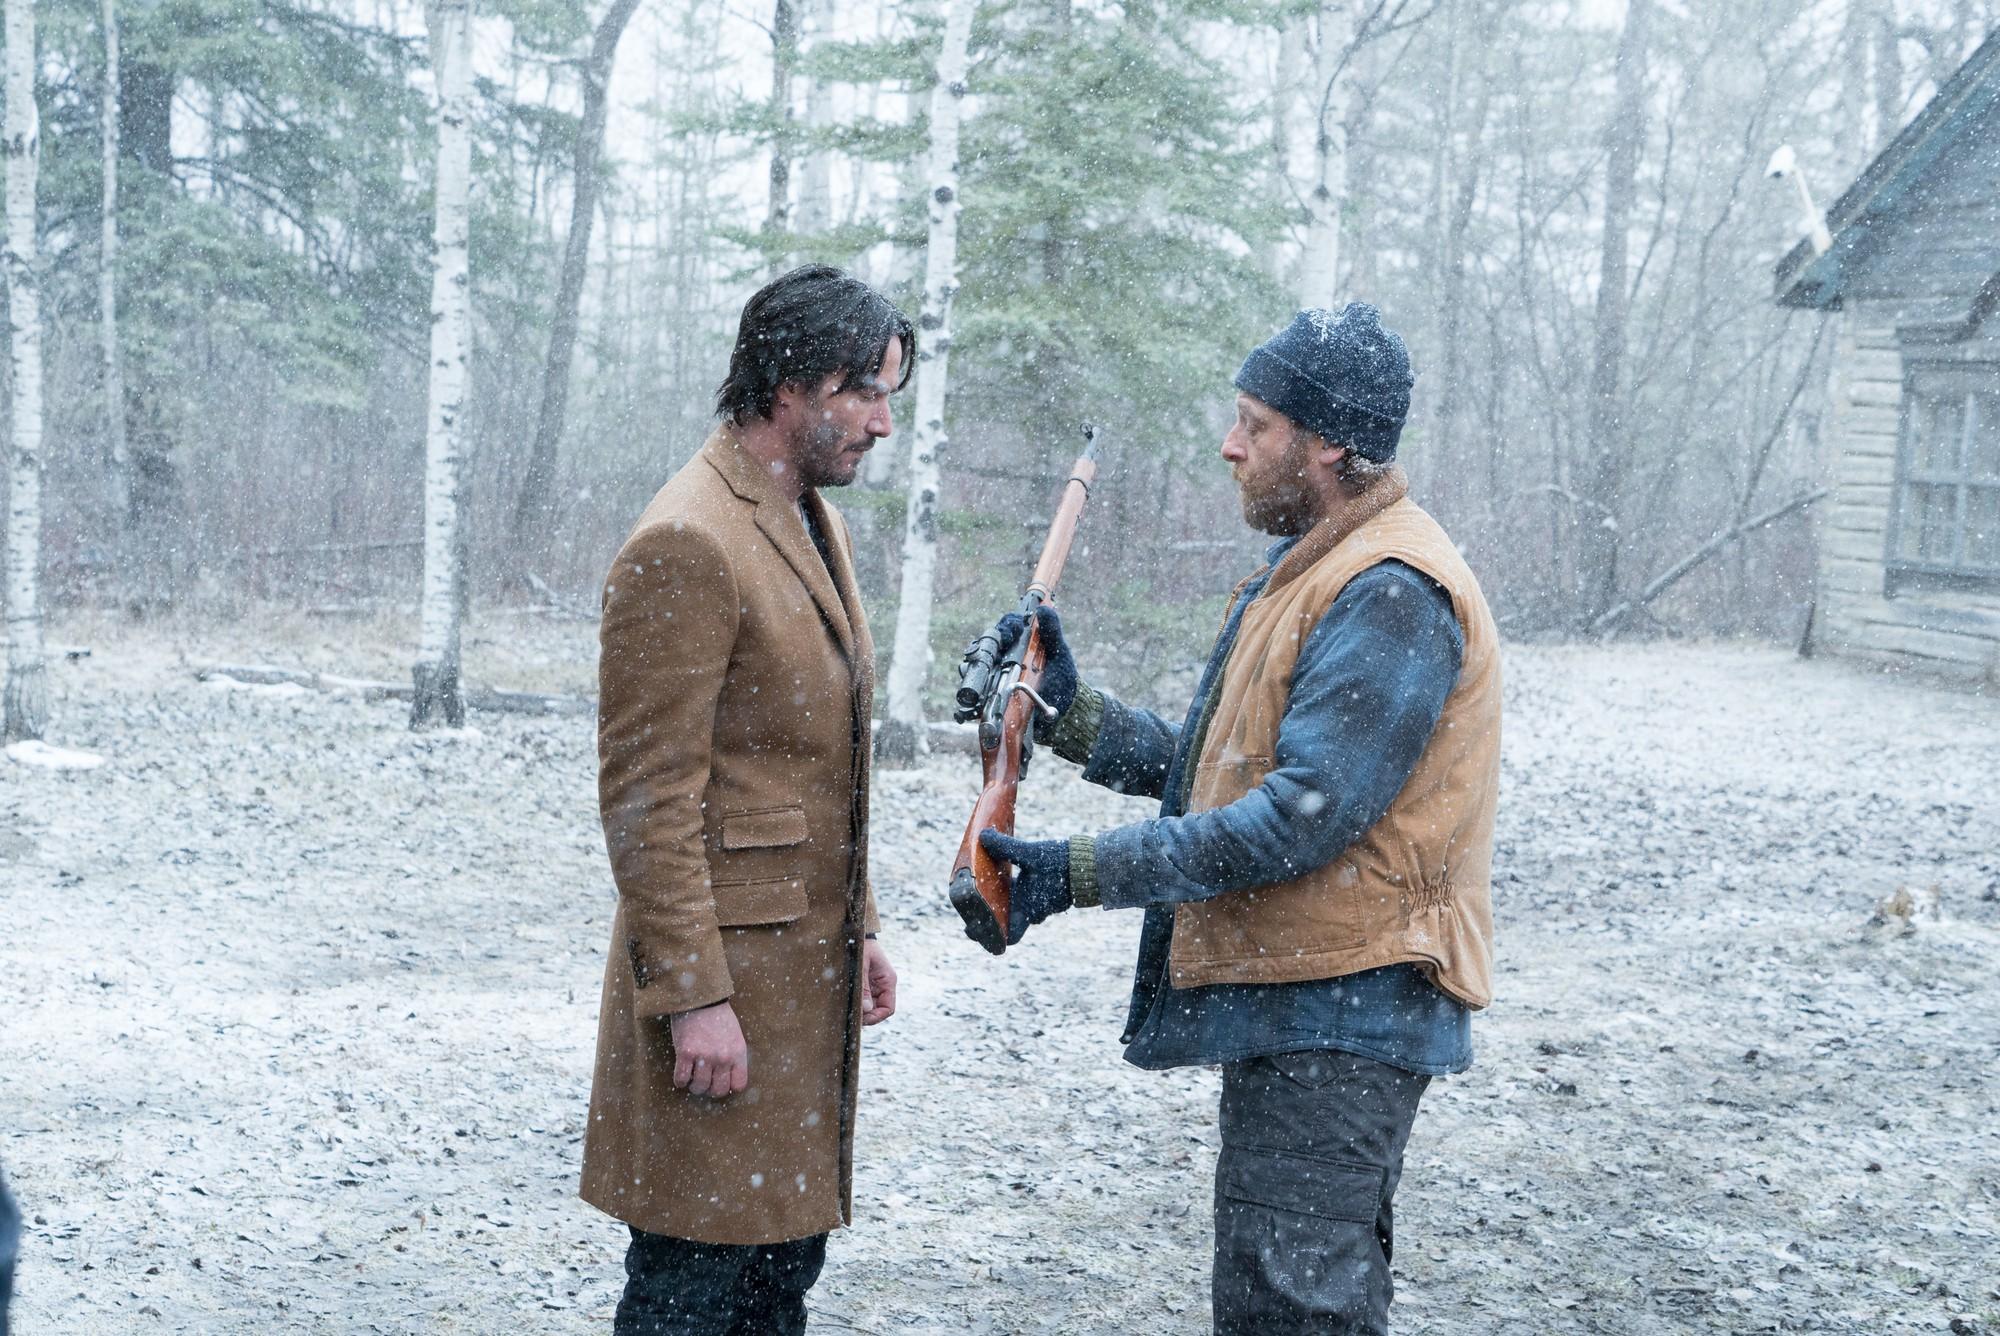 Buôn kim cương giả, Ông Kẹ Keanu Reeves lại còn dám bướng với mafia Nga - Ảnh 4.